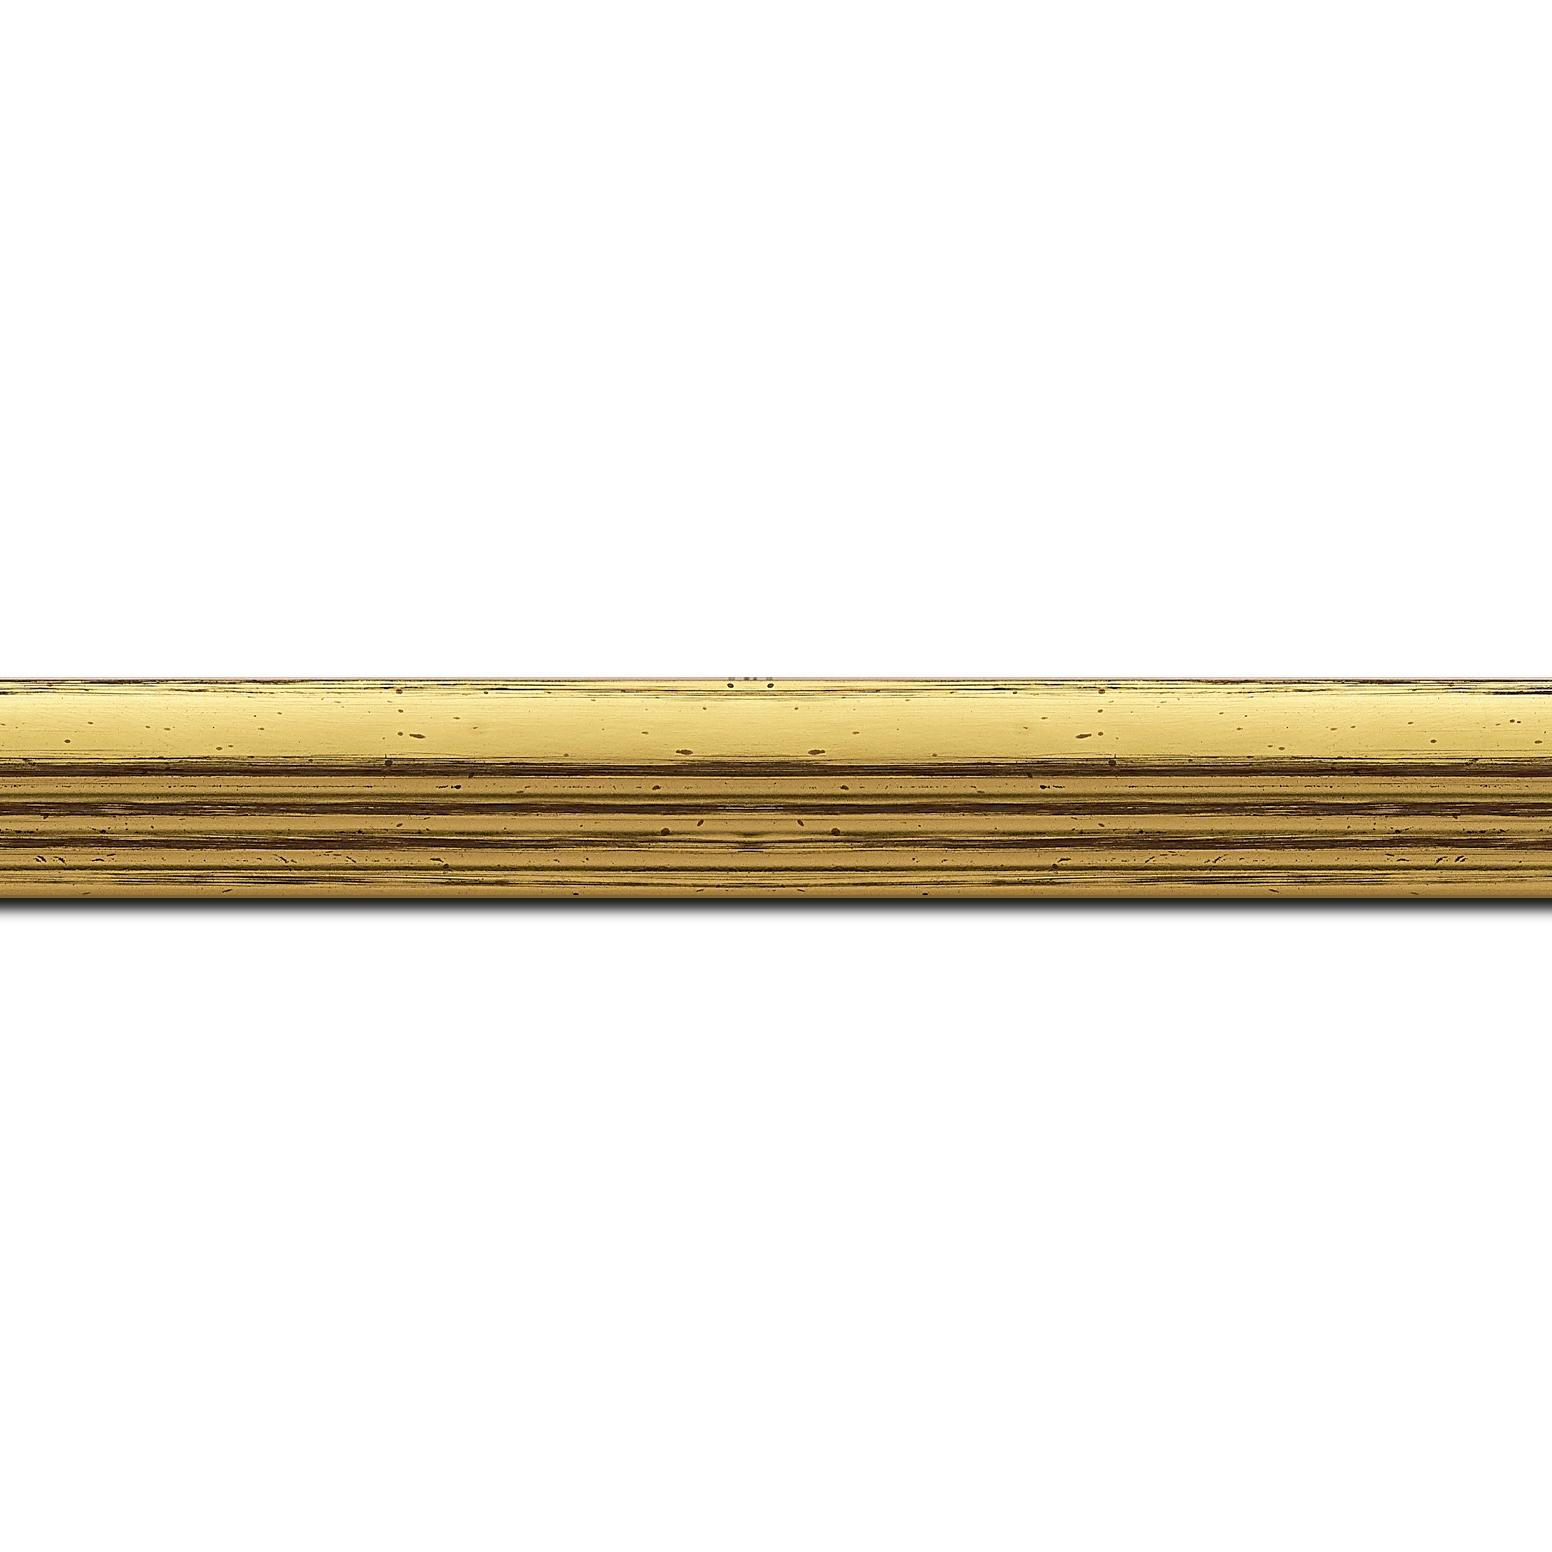 Baguette longueur 1.40m bois profil plat en pente nez escalier largeur 2cm couleur or coté extérieur or. finition haut de gamme car dorure à l'eau fait main